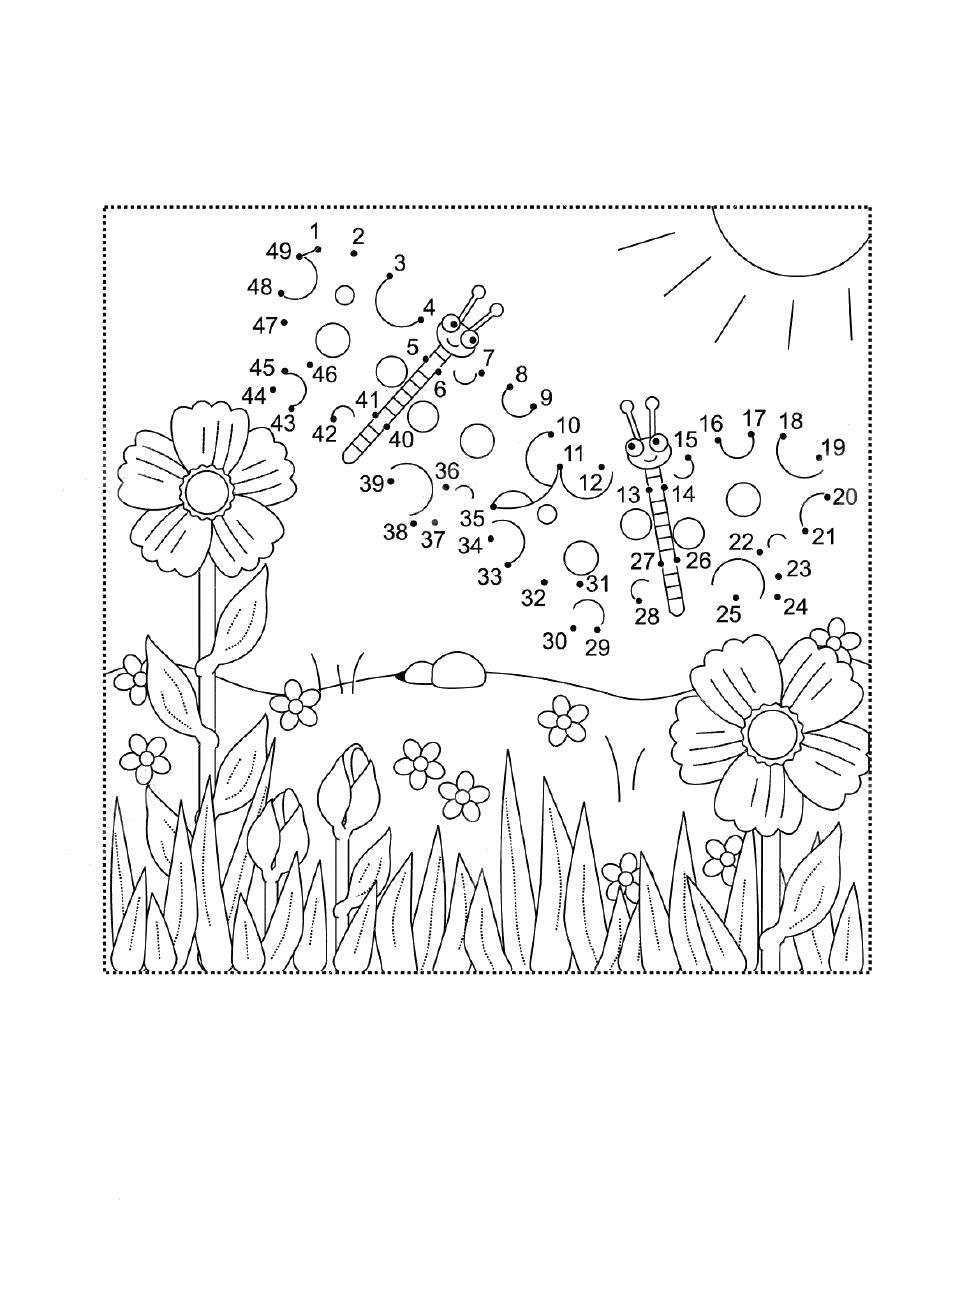 Трава на лужайке с цветами соедини по цифрам и раскрась